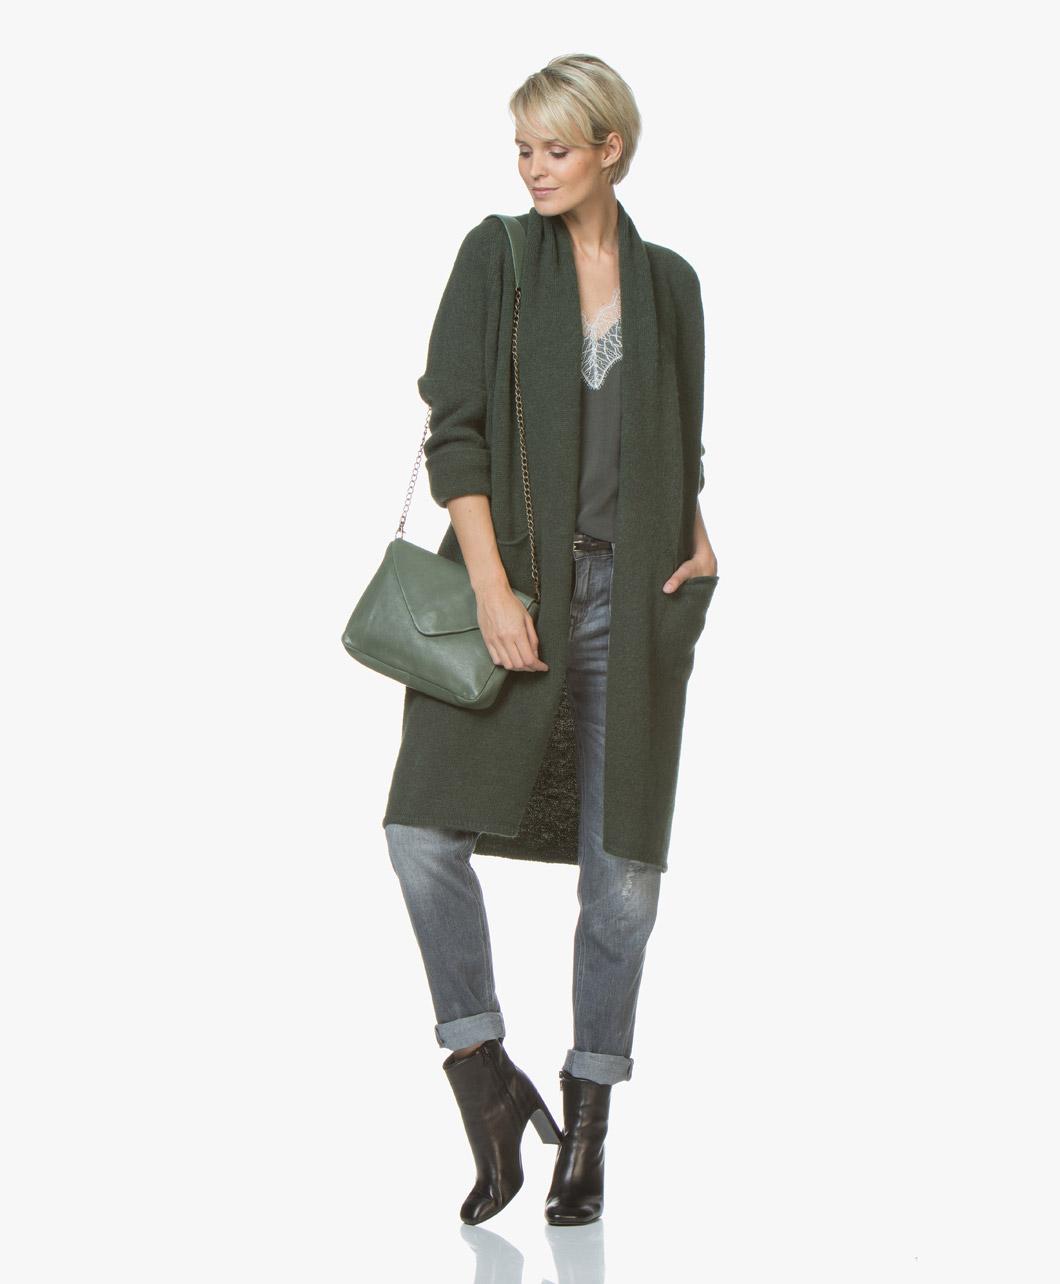 Casual met een spijkerbroek, enkellaarsjes, vestje, en sjaal